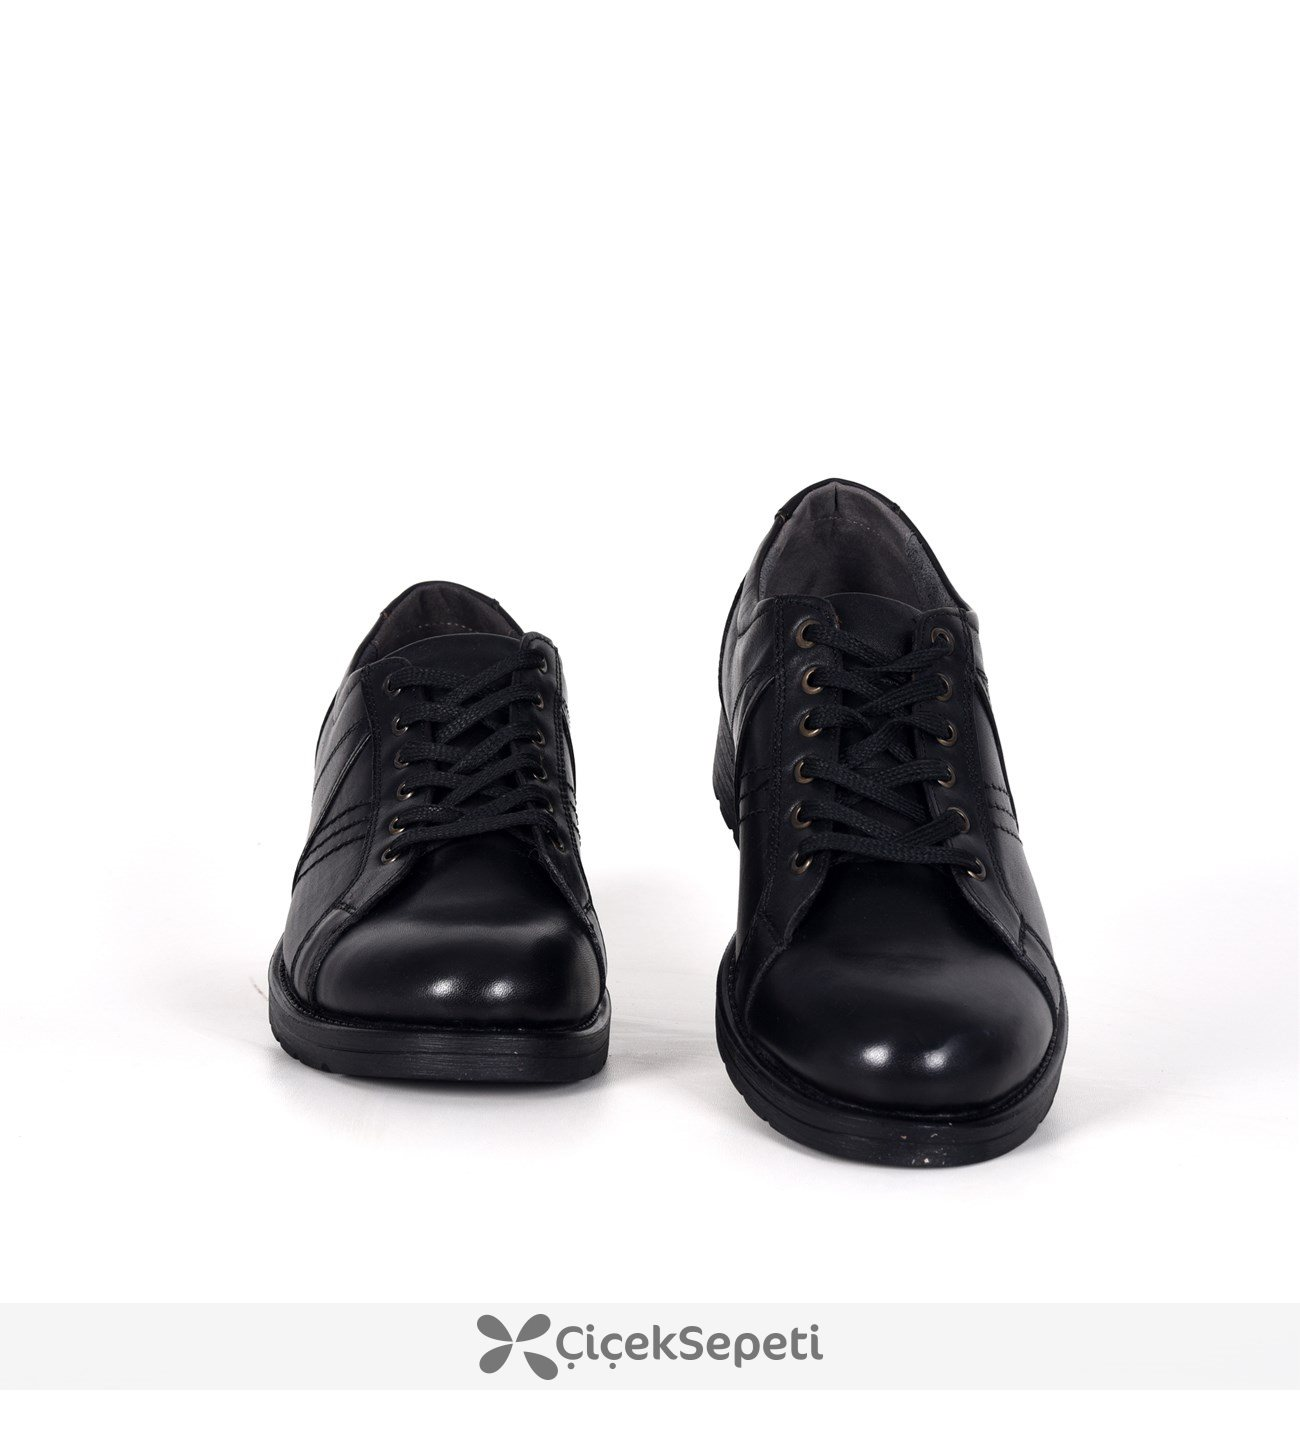 Siyah Bağcıklı Deri Su Geçirmez Kışlık Erkek Bot Ayakkabı 3681